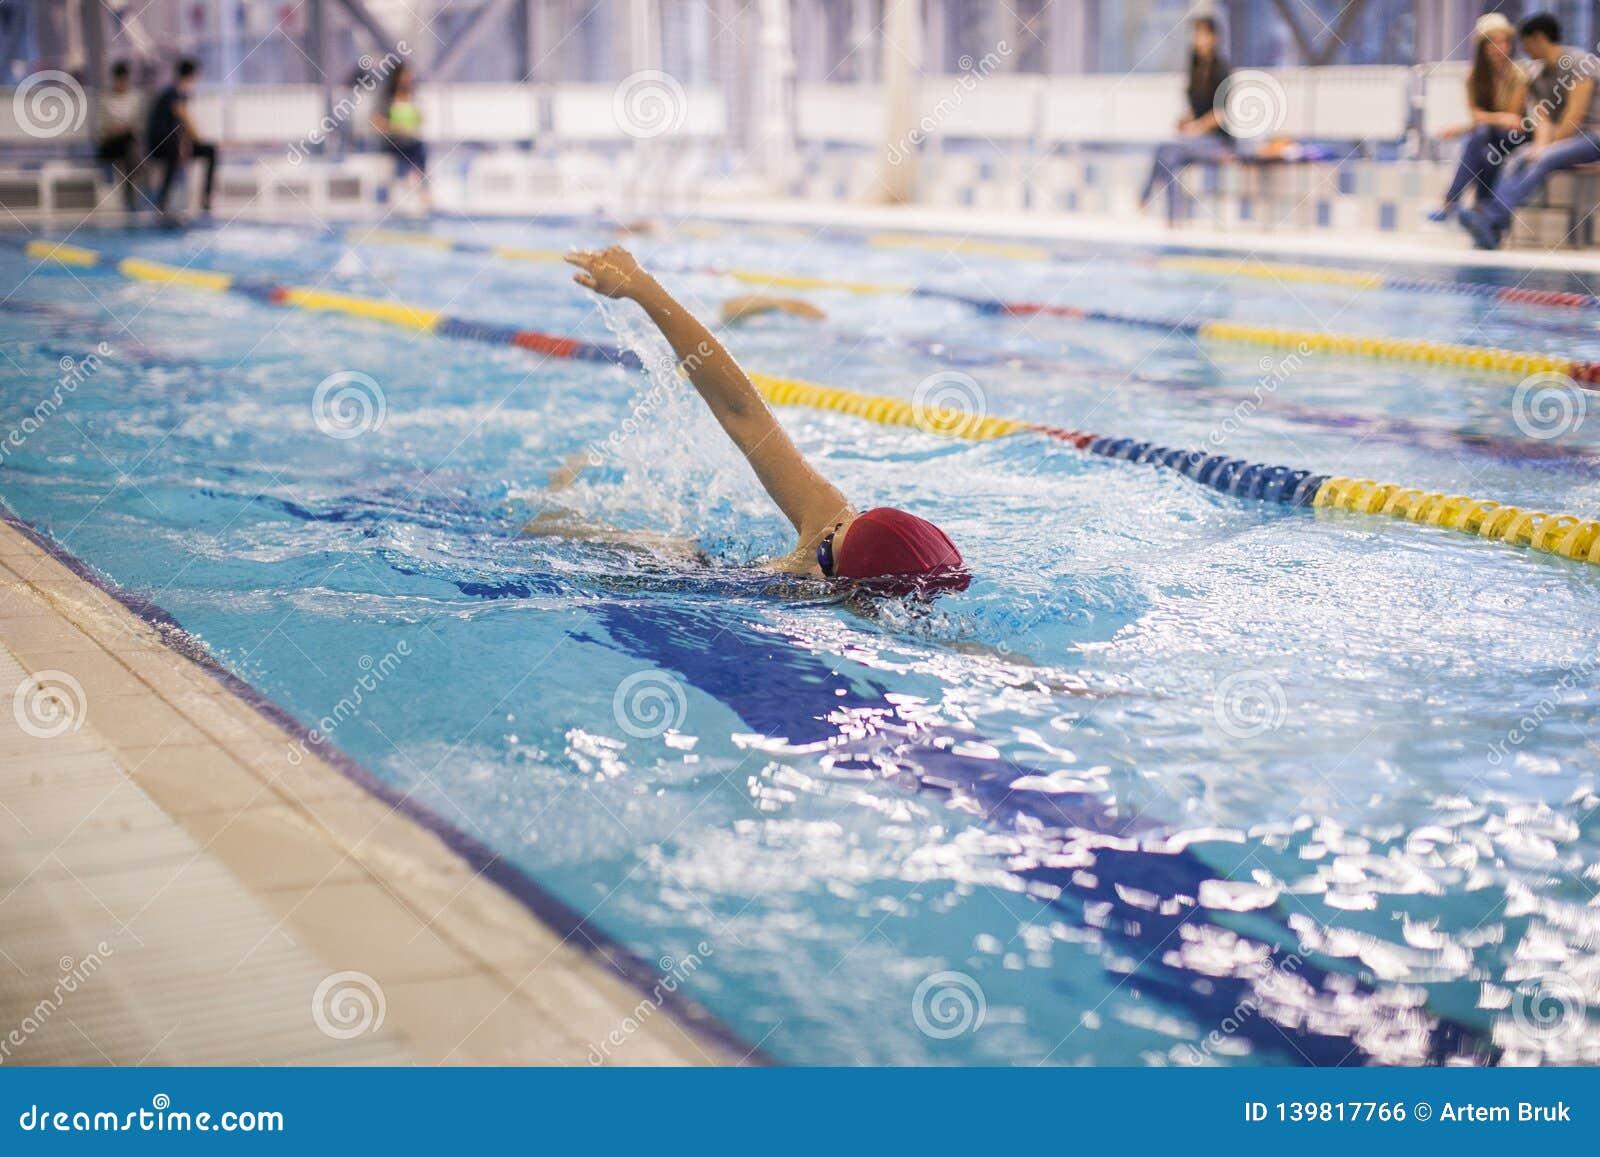 Een Zwemmer Swimming The Front Crawl In een Pool